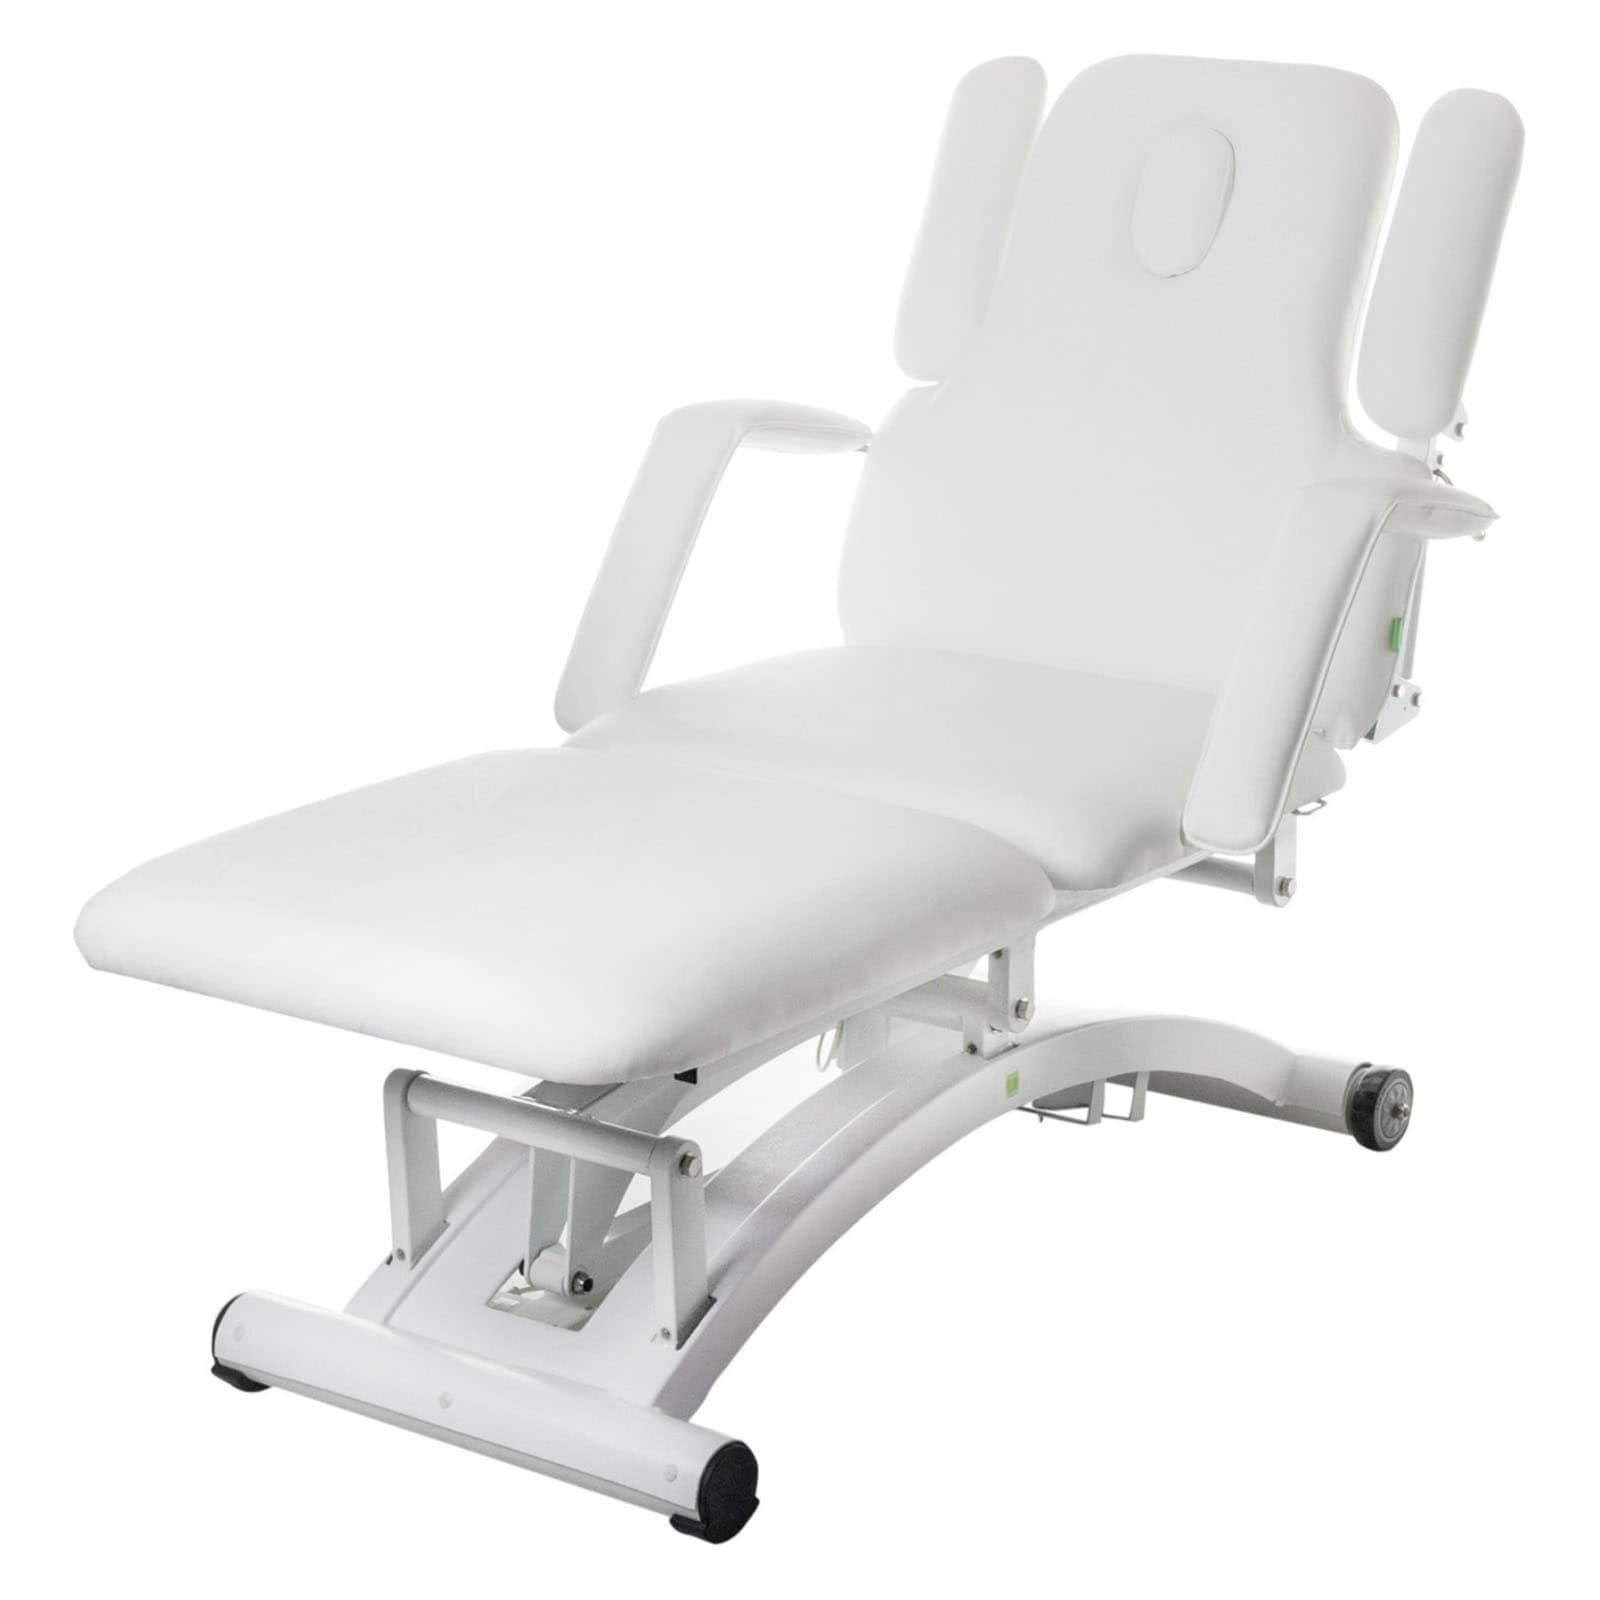 Elektryczne łóżko do masażu Physa Divine białe